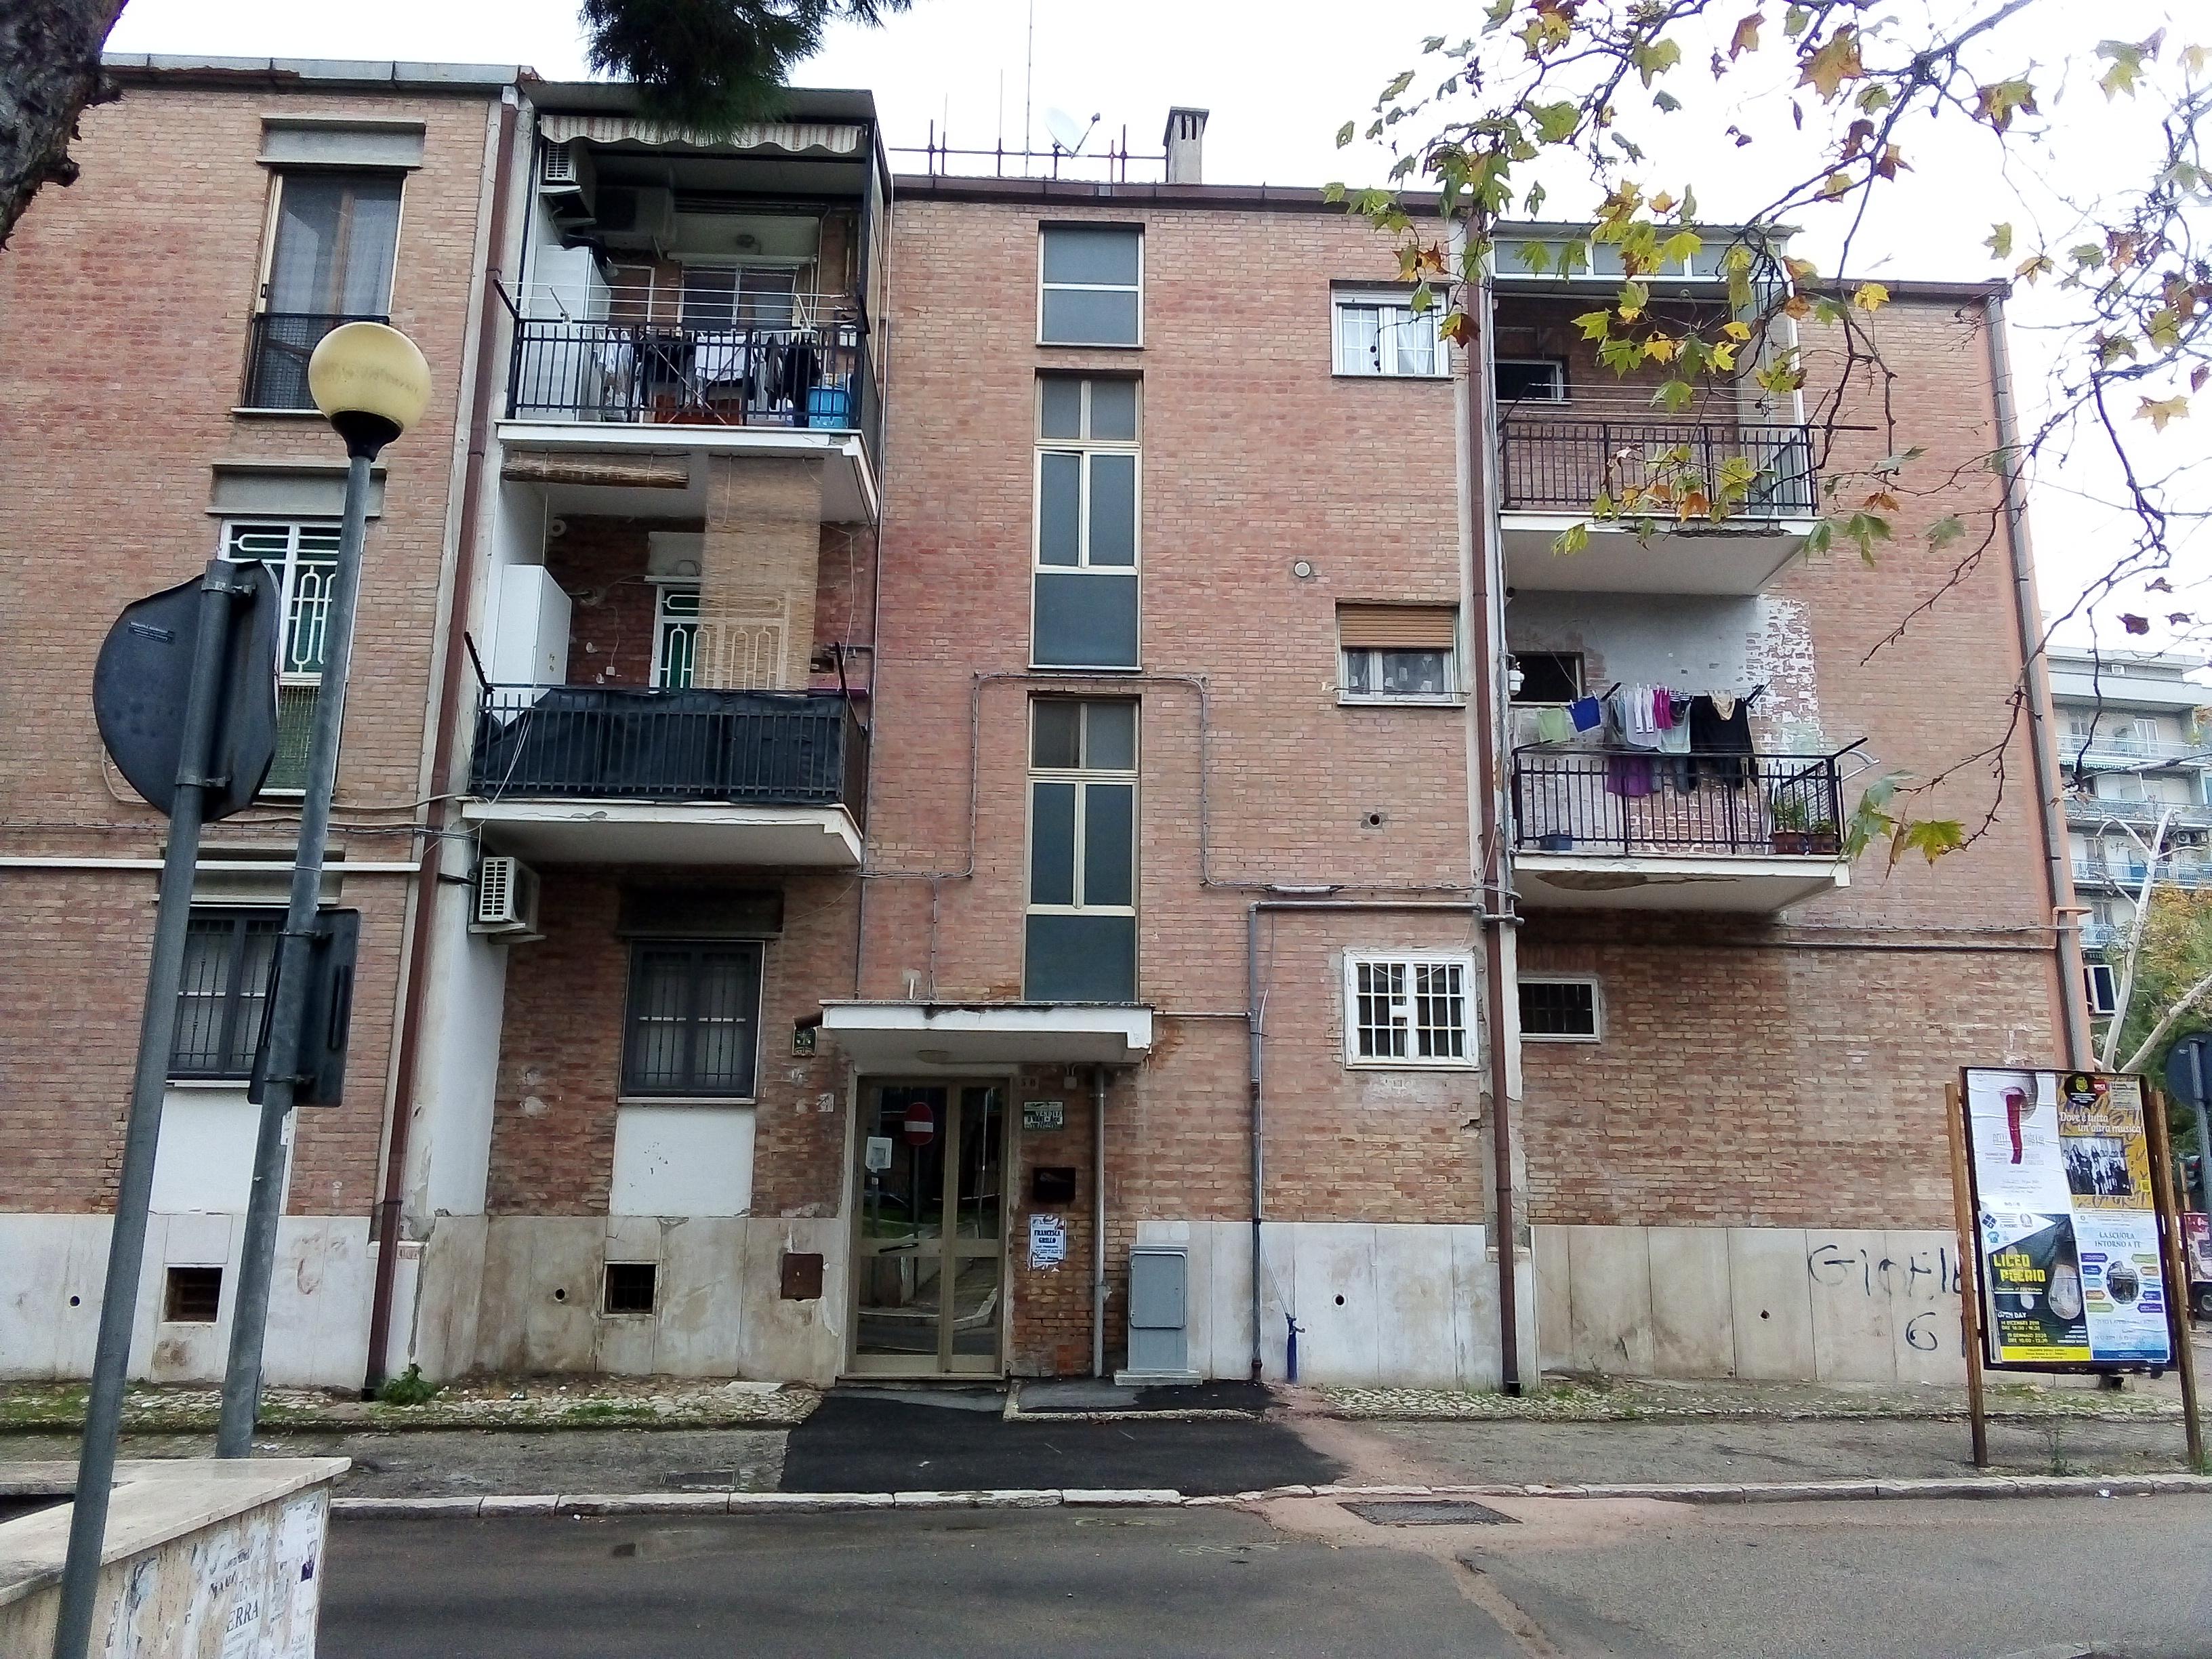 Appartamenti in vendita a Foggia- Rione dei Preti appartamento 4 vani accessori luminoso